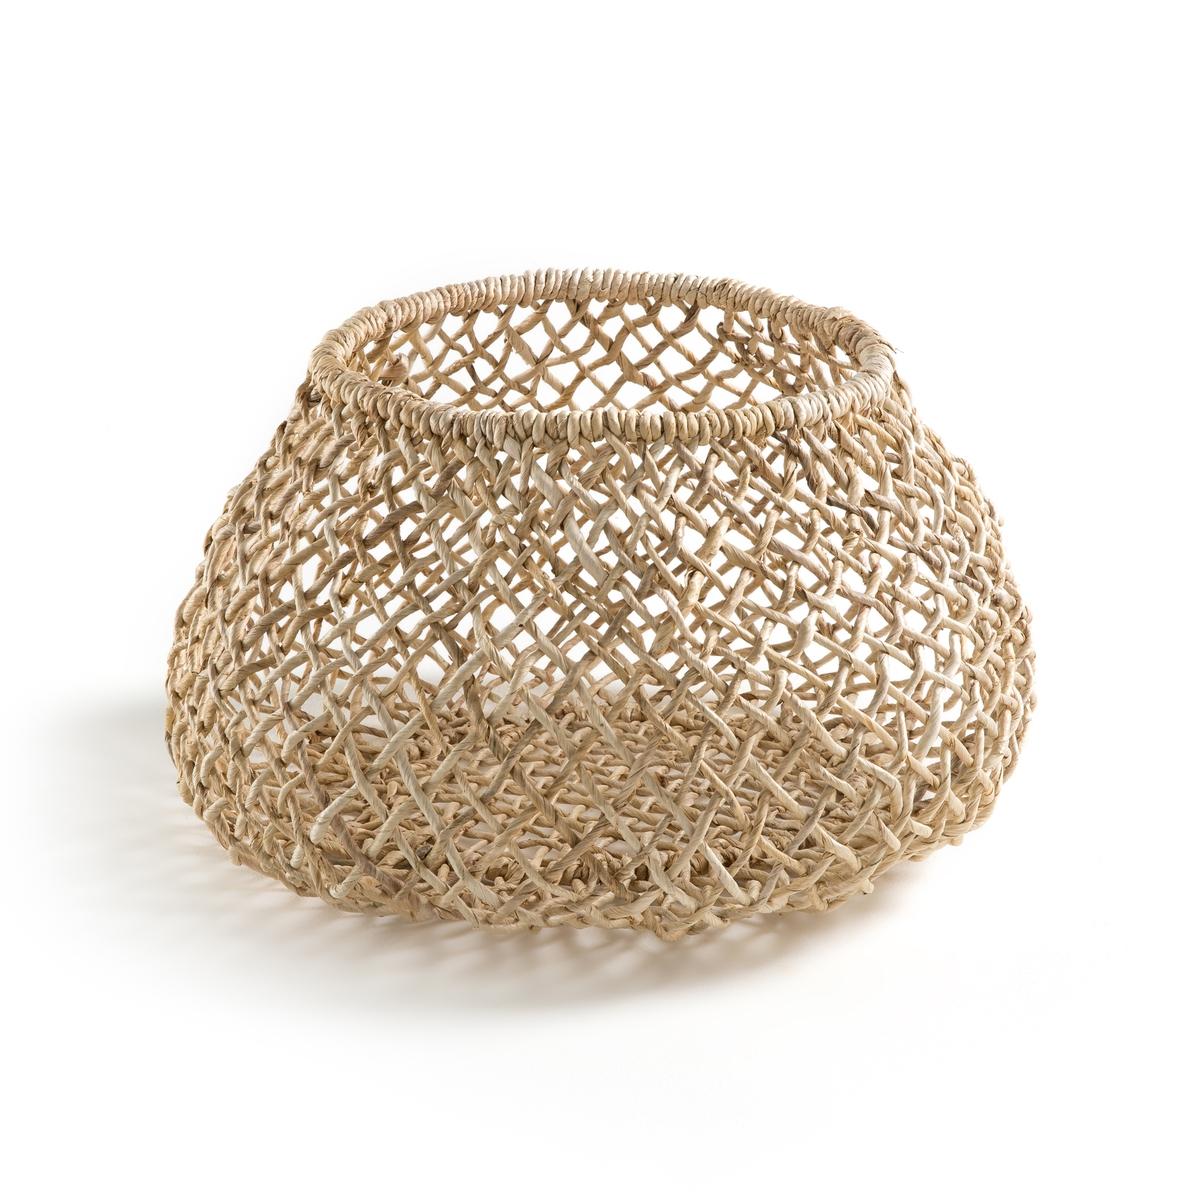 Корзина ручного производства из манильской пеньки, Afata